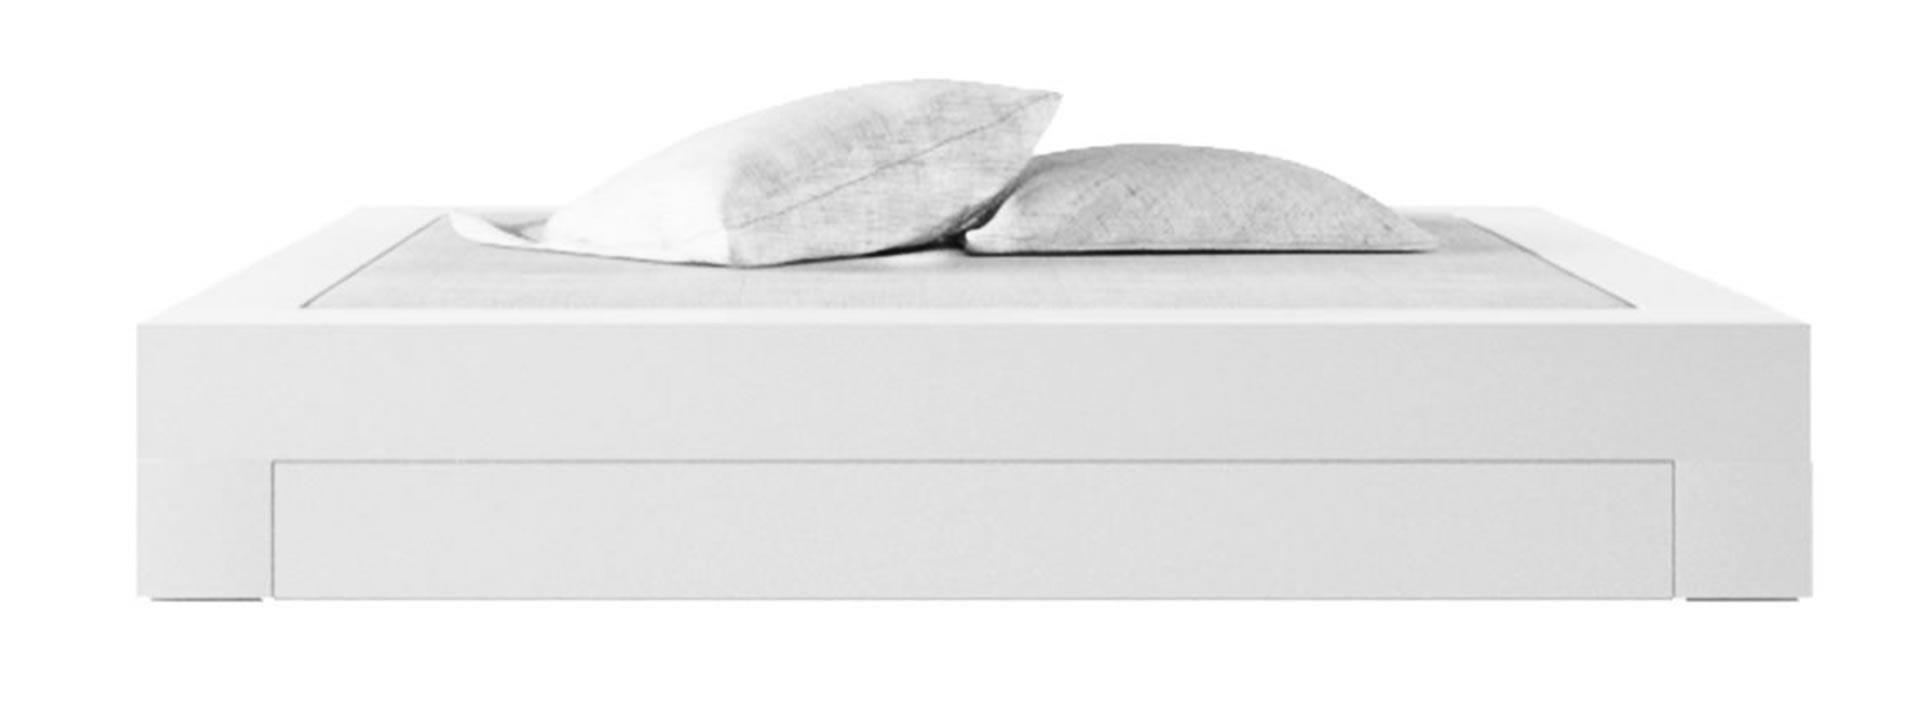 Einzelbetten Fur Jugendliche Online Kaufen Home24 Mit Bildern Bettgestell Schlafzimmermobel Bett